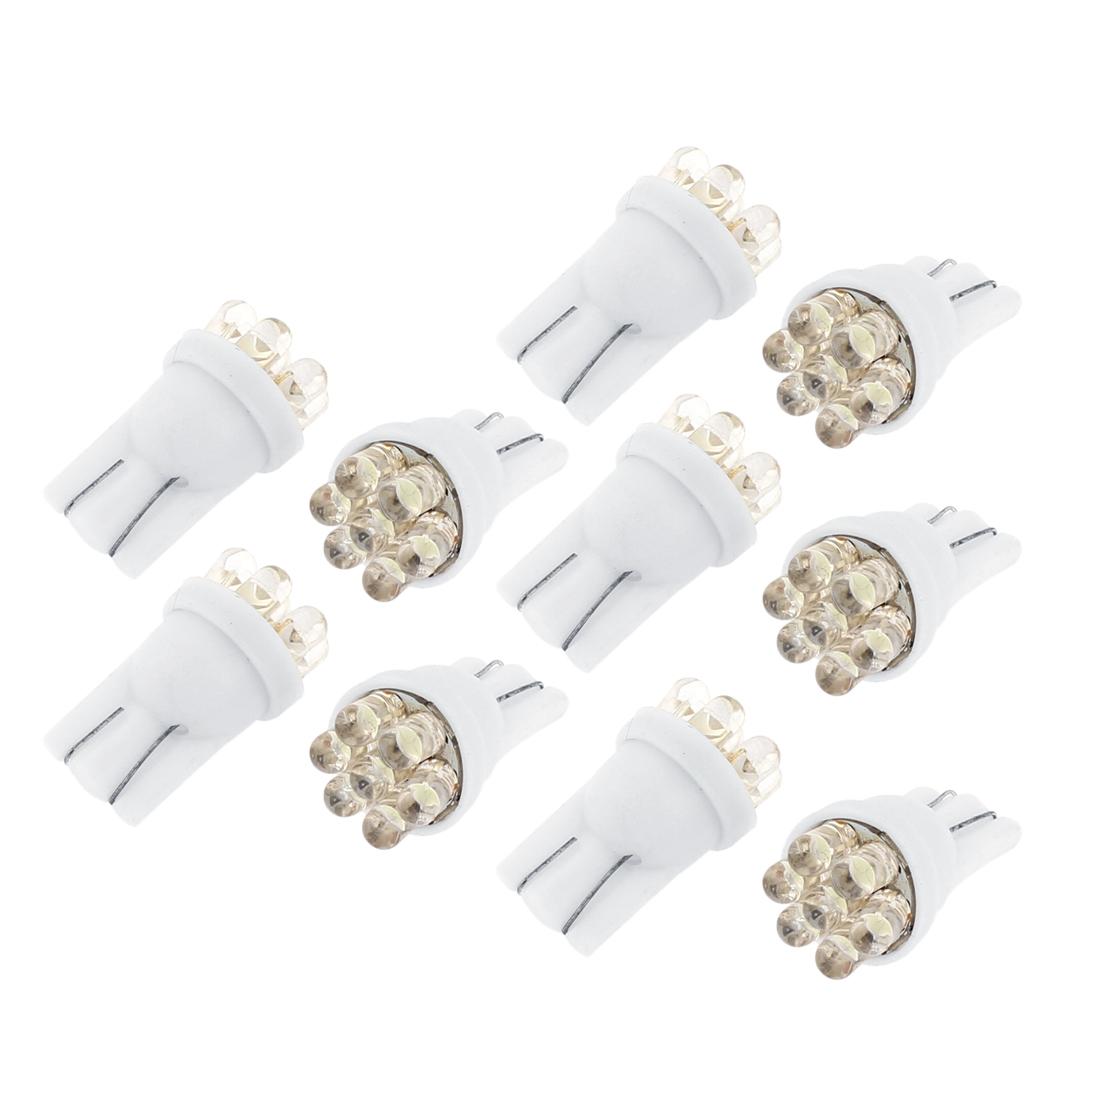 20 Pcs White T10 158 168 194 2825 7-LED Bulbs for Car License Plate Light Interior